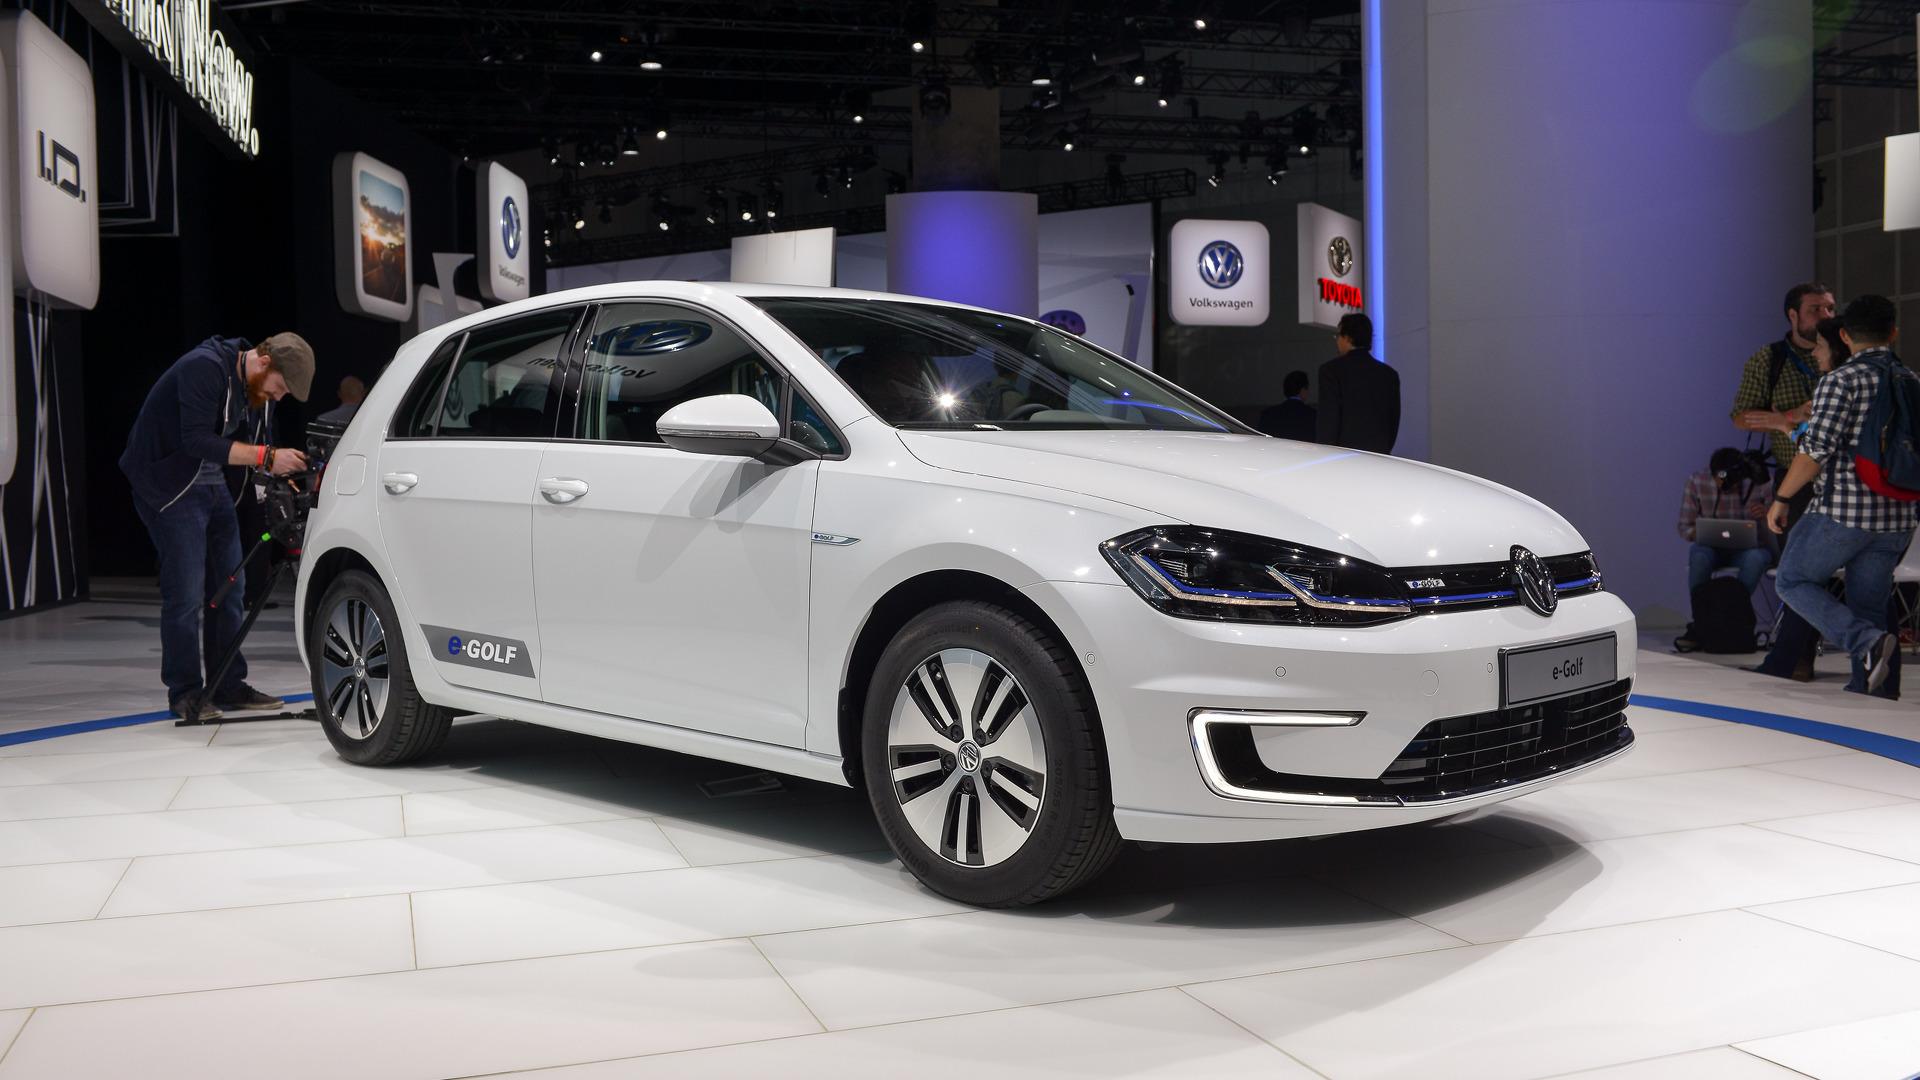 Volkswagen Golf Price & Specs | CarsGuide | 1080x1920